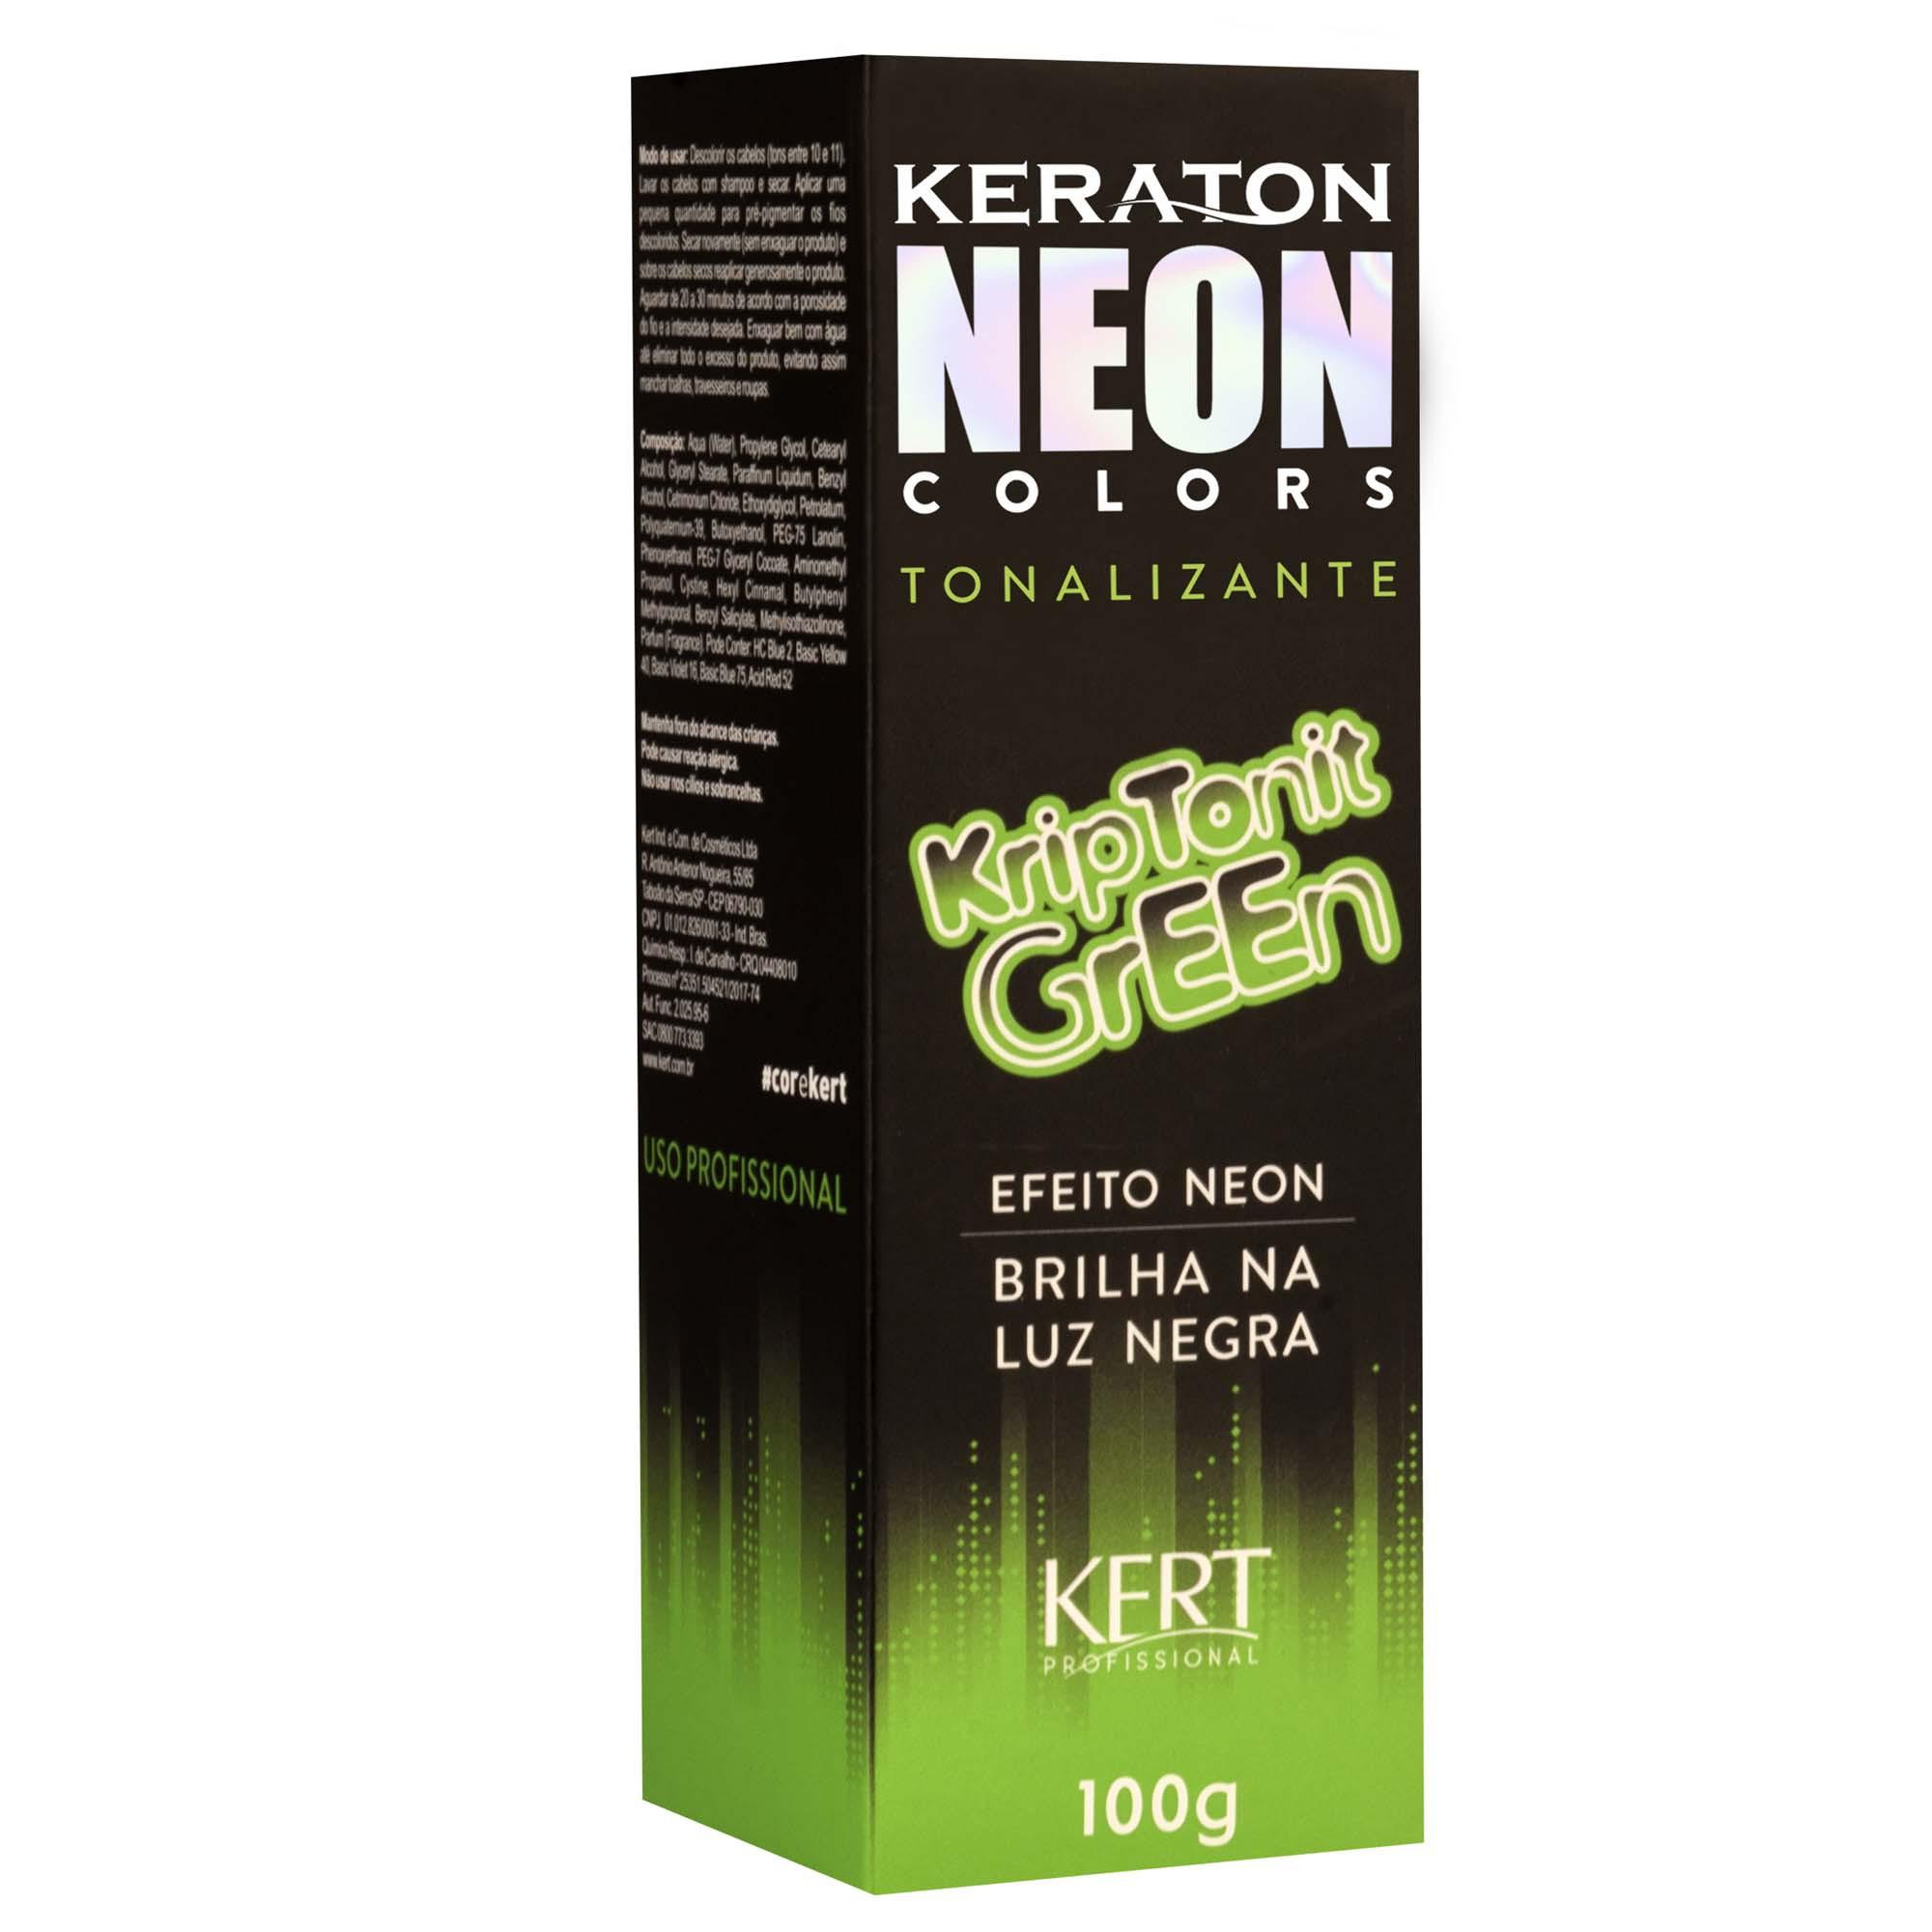 Kert Keraton Neon Colors Tonalizante Cor KripTonit Green - 100g